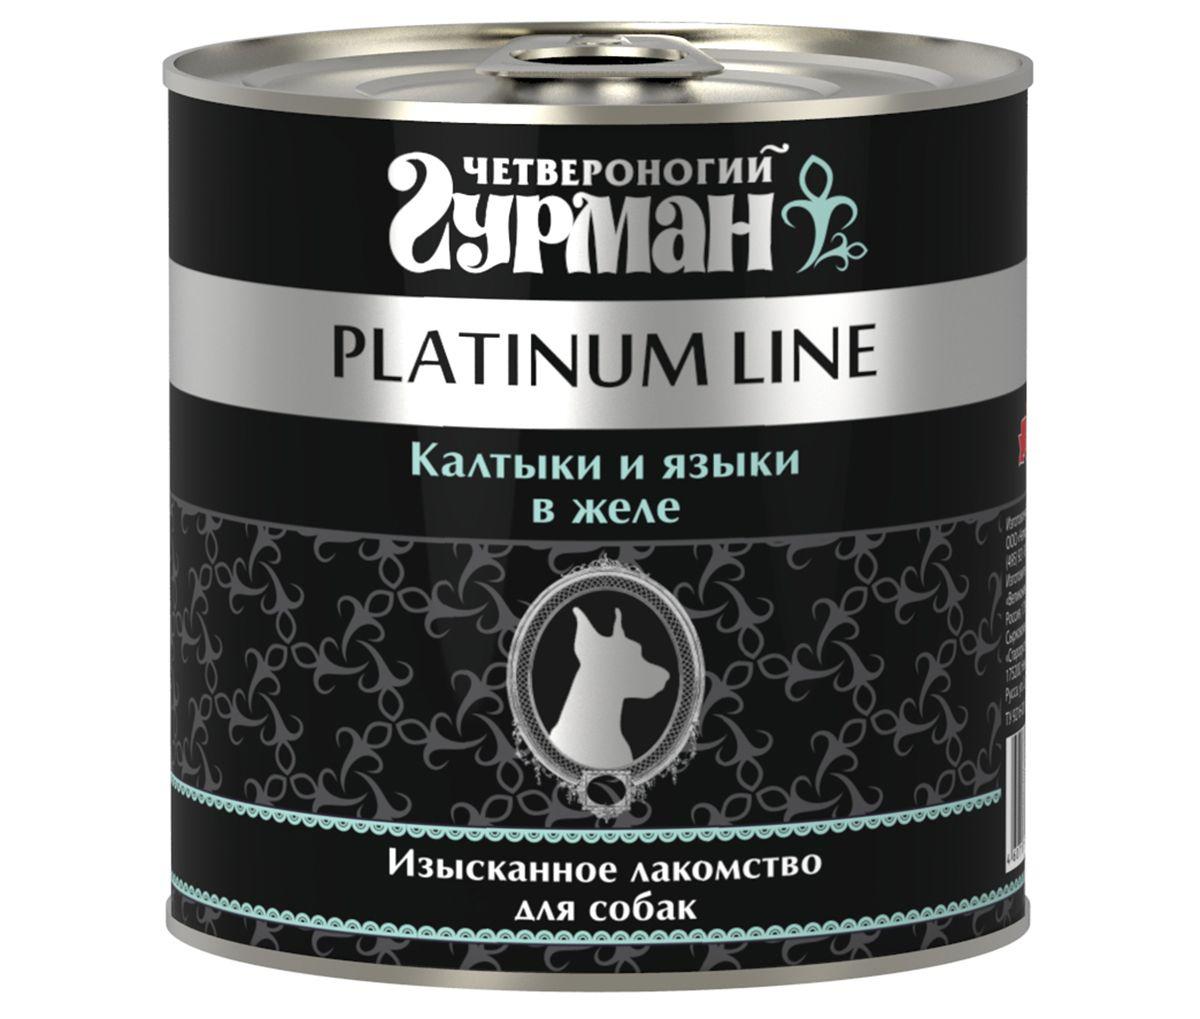 Четвероногий Гурман консервы для взрослых собак всех пород, калтыки и языки в желе (240 гр) консервы для собак четвероногий гурман с рубцом в желе 240 г